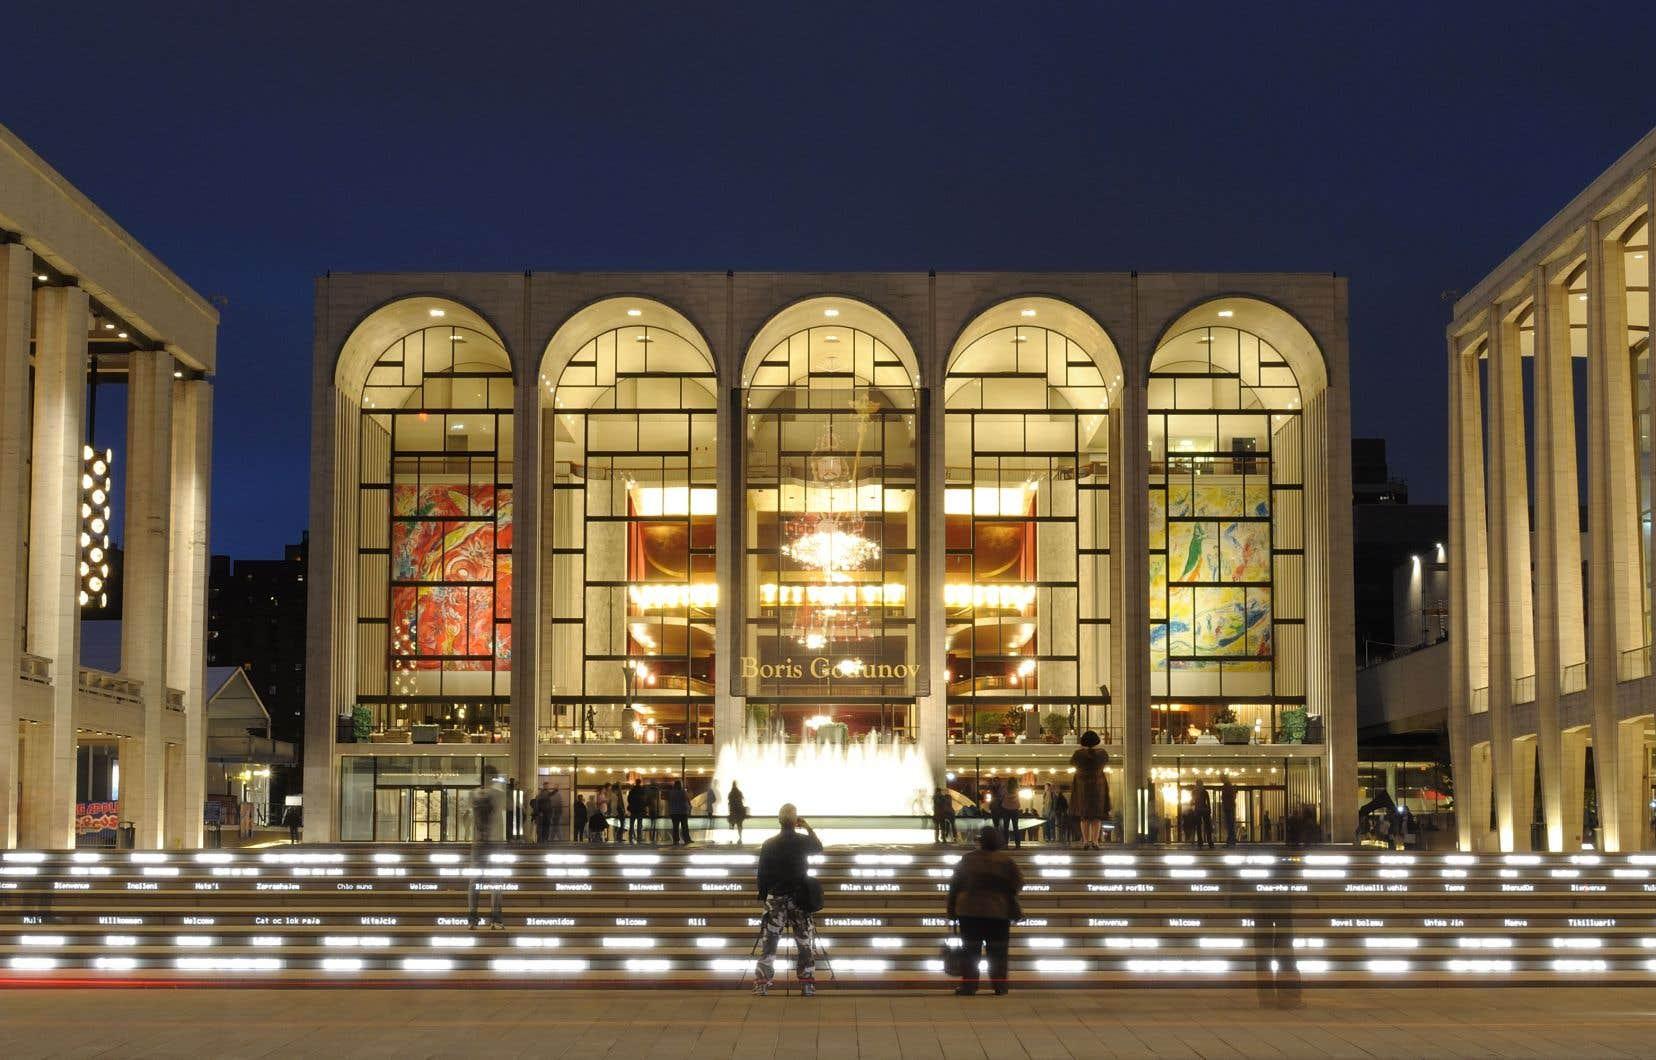 Pour se projeter vers l'avenir, l'opéra a présenté mercredi le calendrier de la saison 2021-2022.